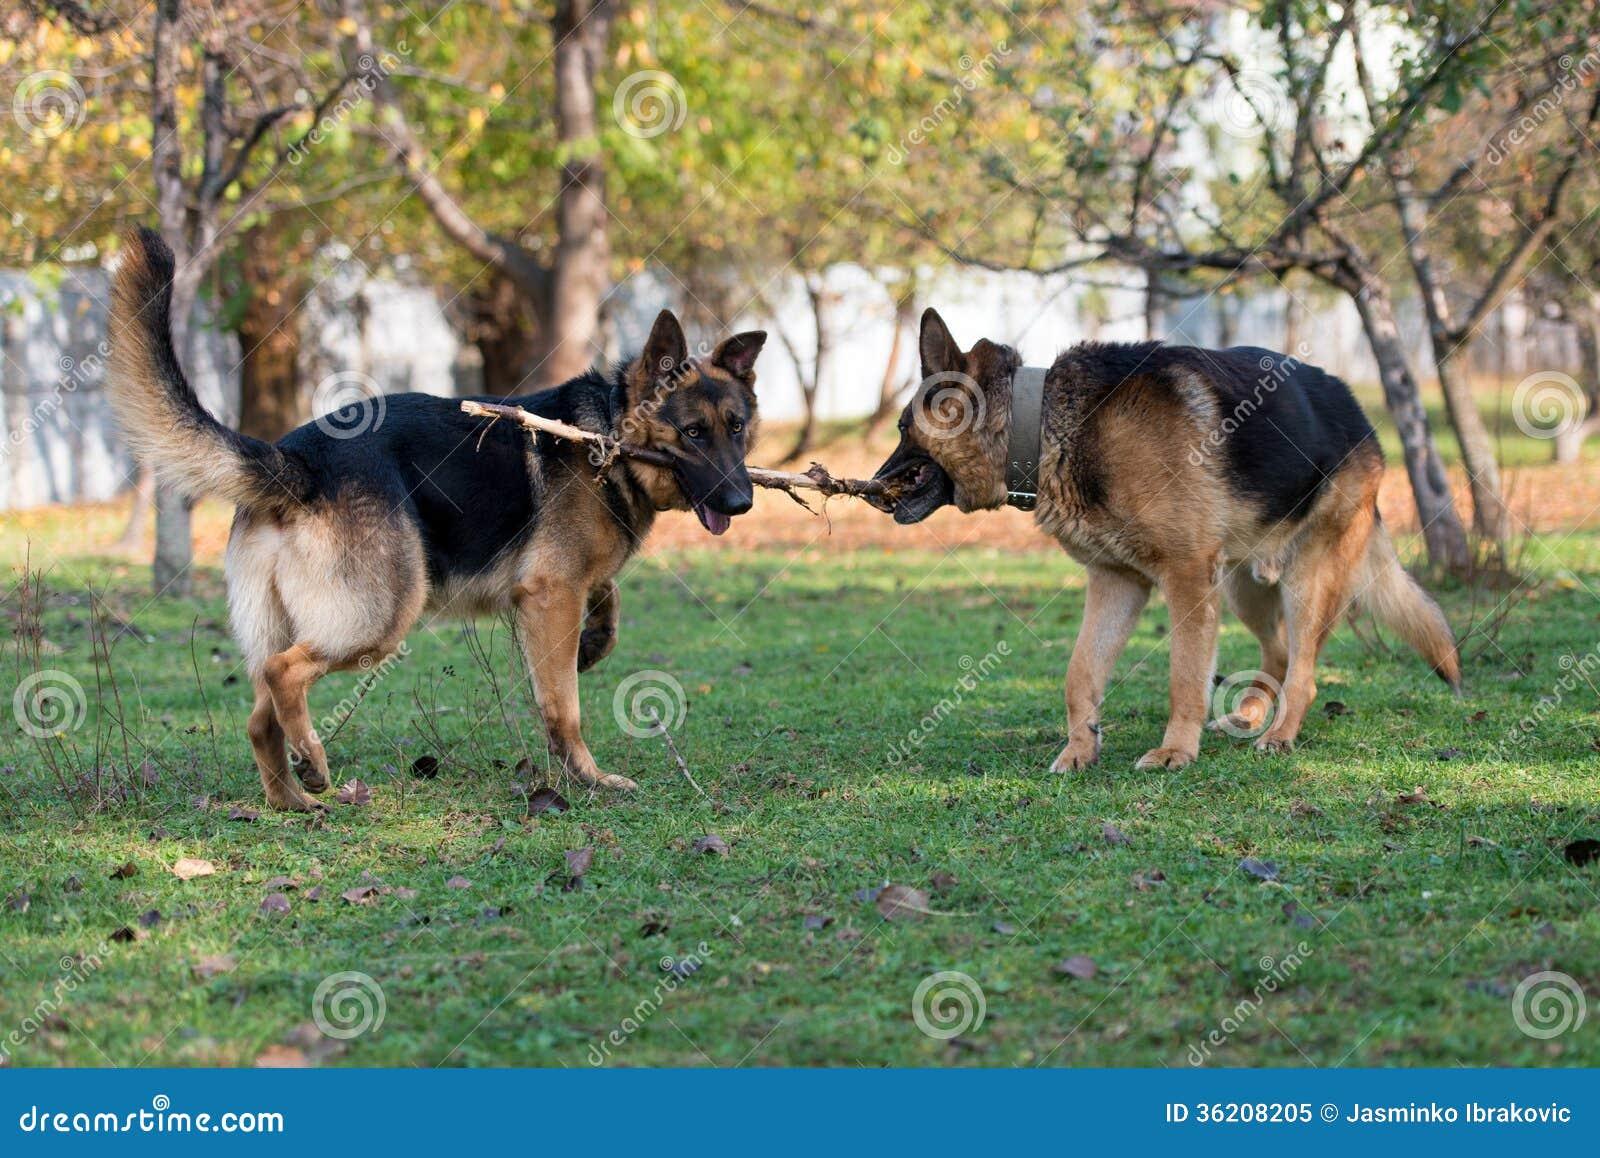 German Shepherd Dog Fight Two German Shepherd Dogs